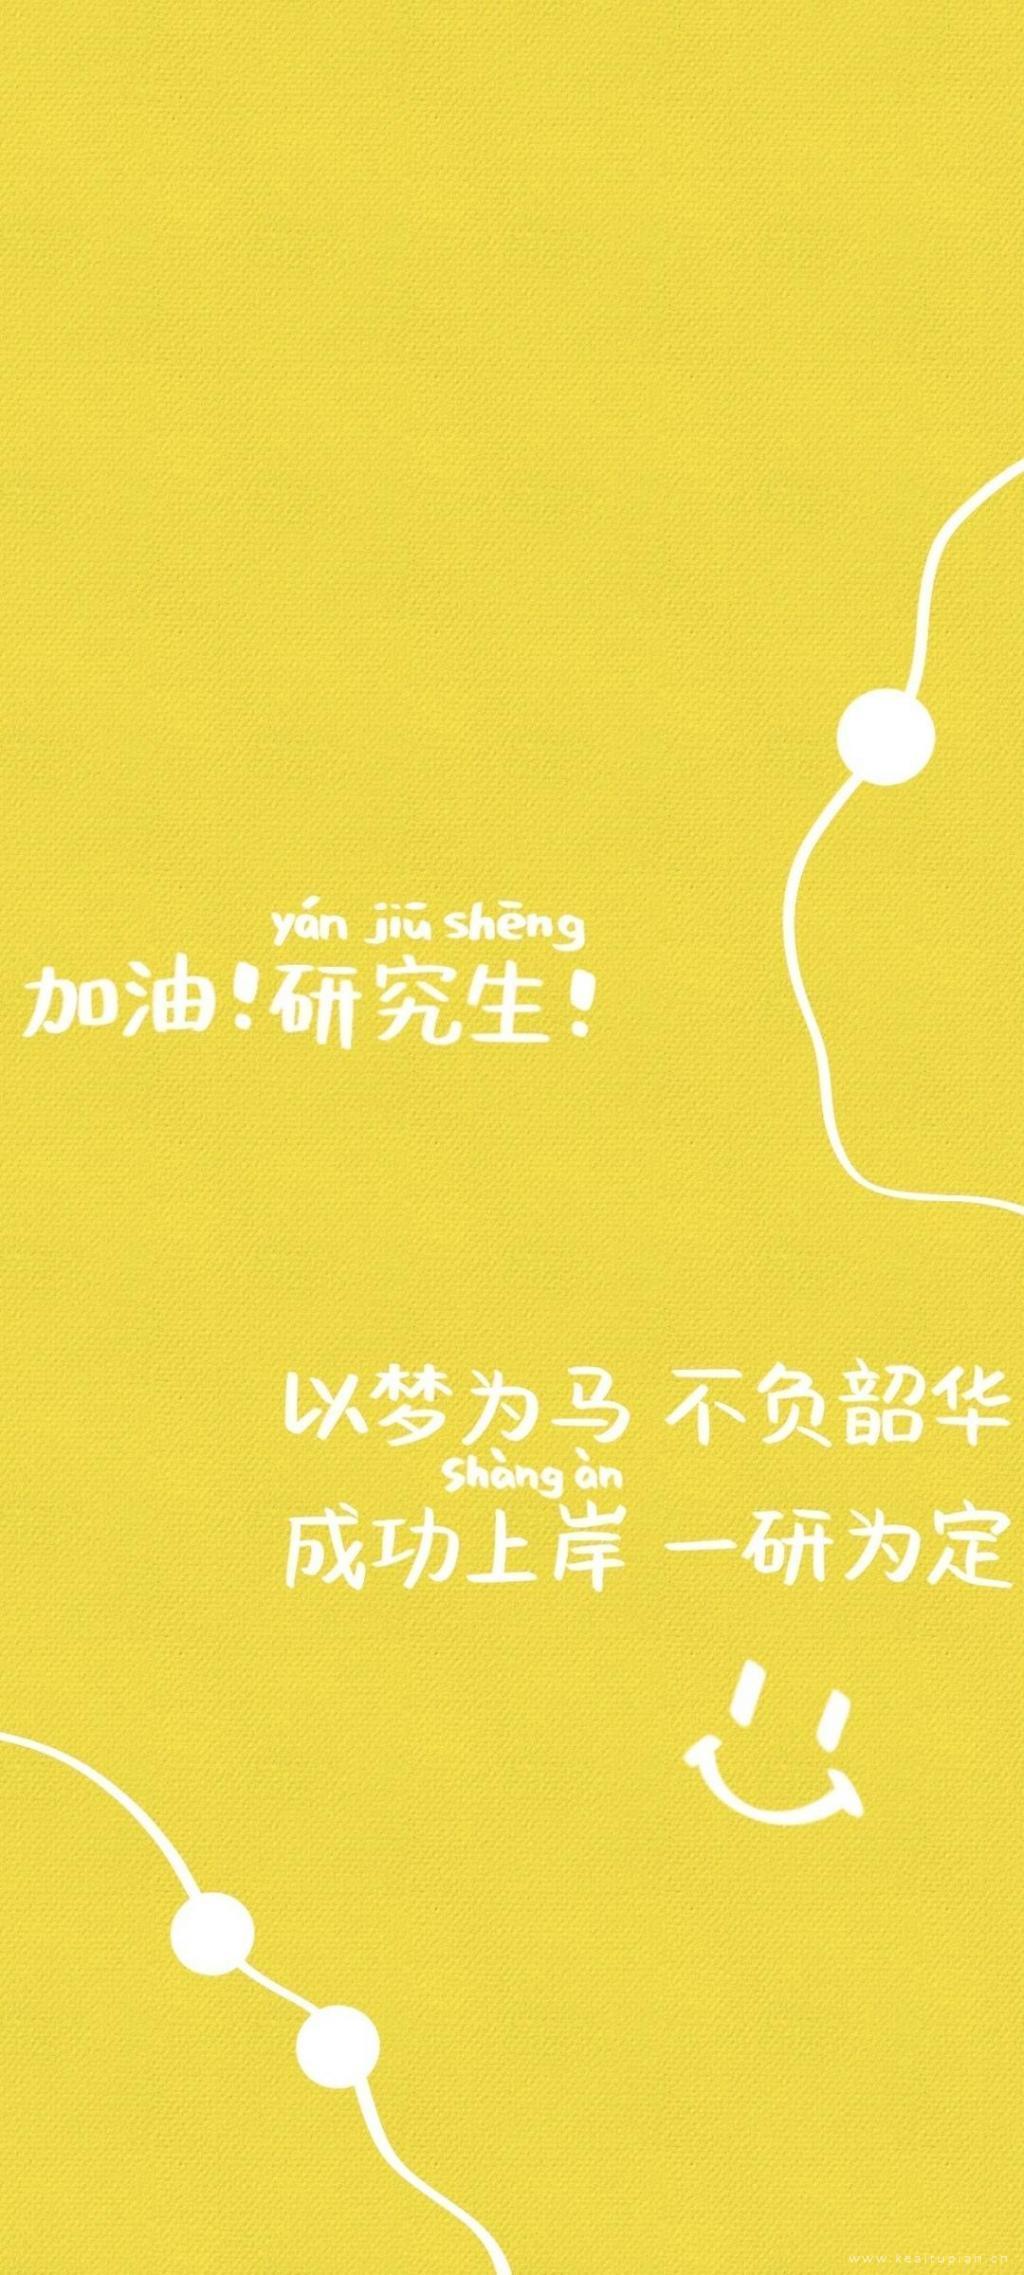 加油研究生!励志语录精选黄色简约手机锁屏壁纸图片